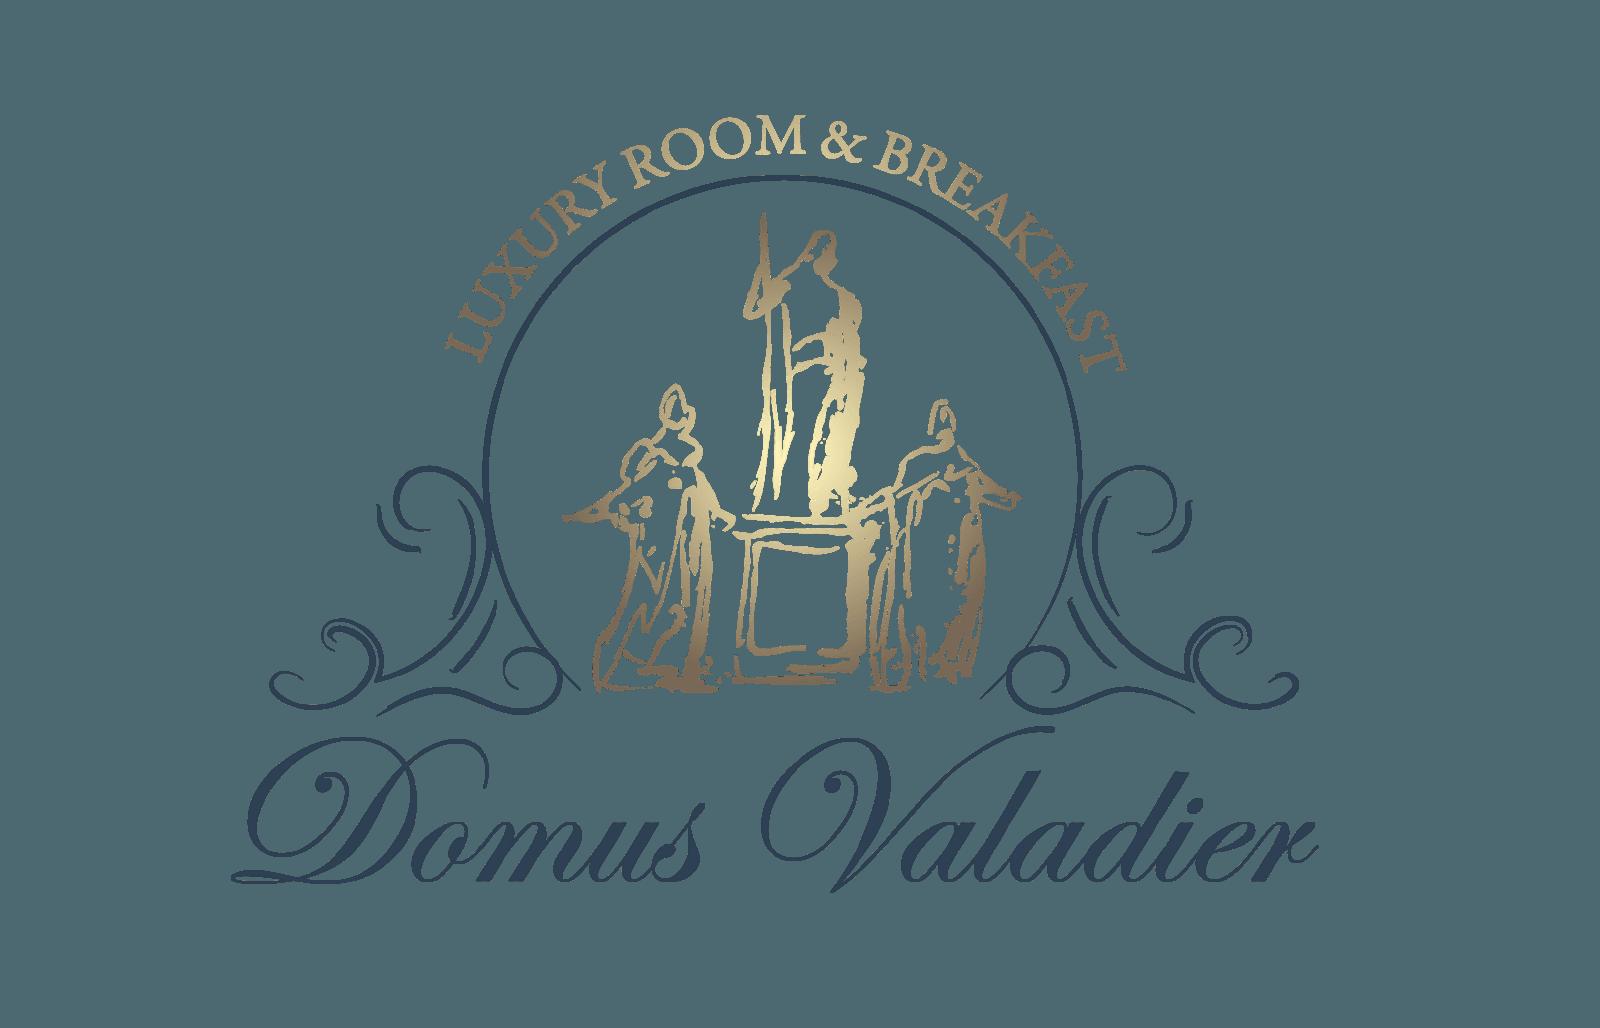 Domus Valadier